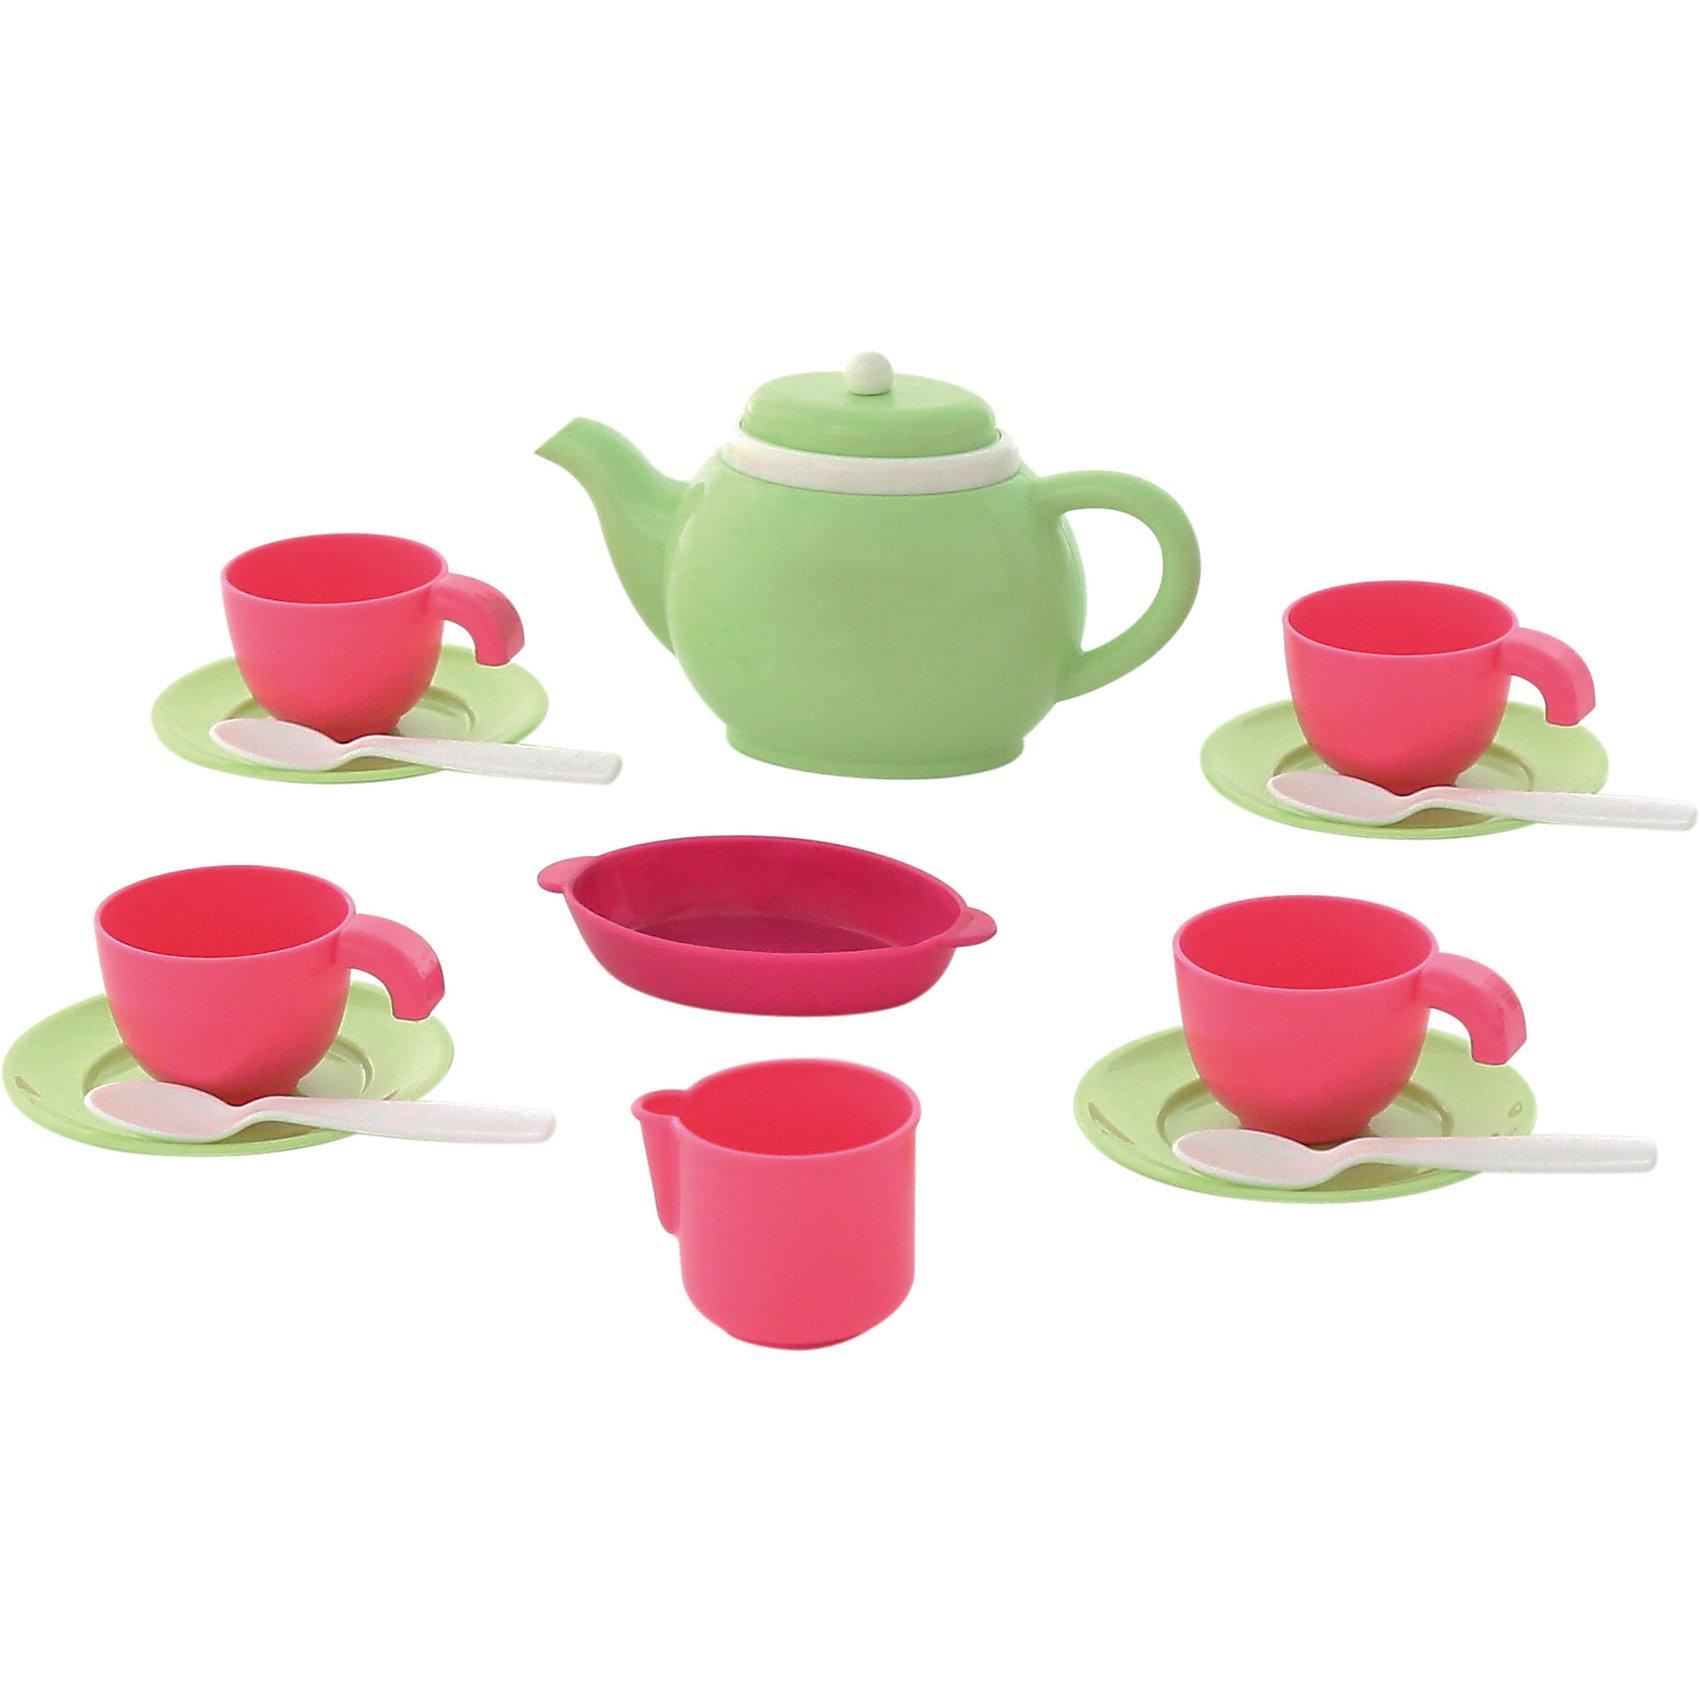 Набор детской посуды, 16 элементов, ПолесьеПосуда и аксессуары для детской кухни<br>Характеристики товара:<br><br>• возраст: от 3 лет<br>• материал: пластмасса<br>• размер упаковки: 18х14х10 см<br>• страна обладатель бренда: Беларусь.<br><br>Набор детской посуды Минутка с чайником, Полесье предназначен для четырех кукольных персон.<br><br>В наборе: чайник с крышкой, 4 тарелки, 4 чашки, 4 ложки, сахарница, салатница. <br><br>Набор детской посуды, 16 элементов, Полесье можно купить в нашем интернет-магазине.<br><br>Ширина мм: 170<br>Глубина мм: 140<br>Высота мм: 100<br>Вес г: 192<br>Возраст от месяцев: 36<br>Возраст до месяцев: 2147483647<br>Пол: Женский<br>Возраст: Детский<br>SKU: 6760799